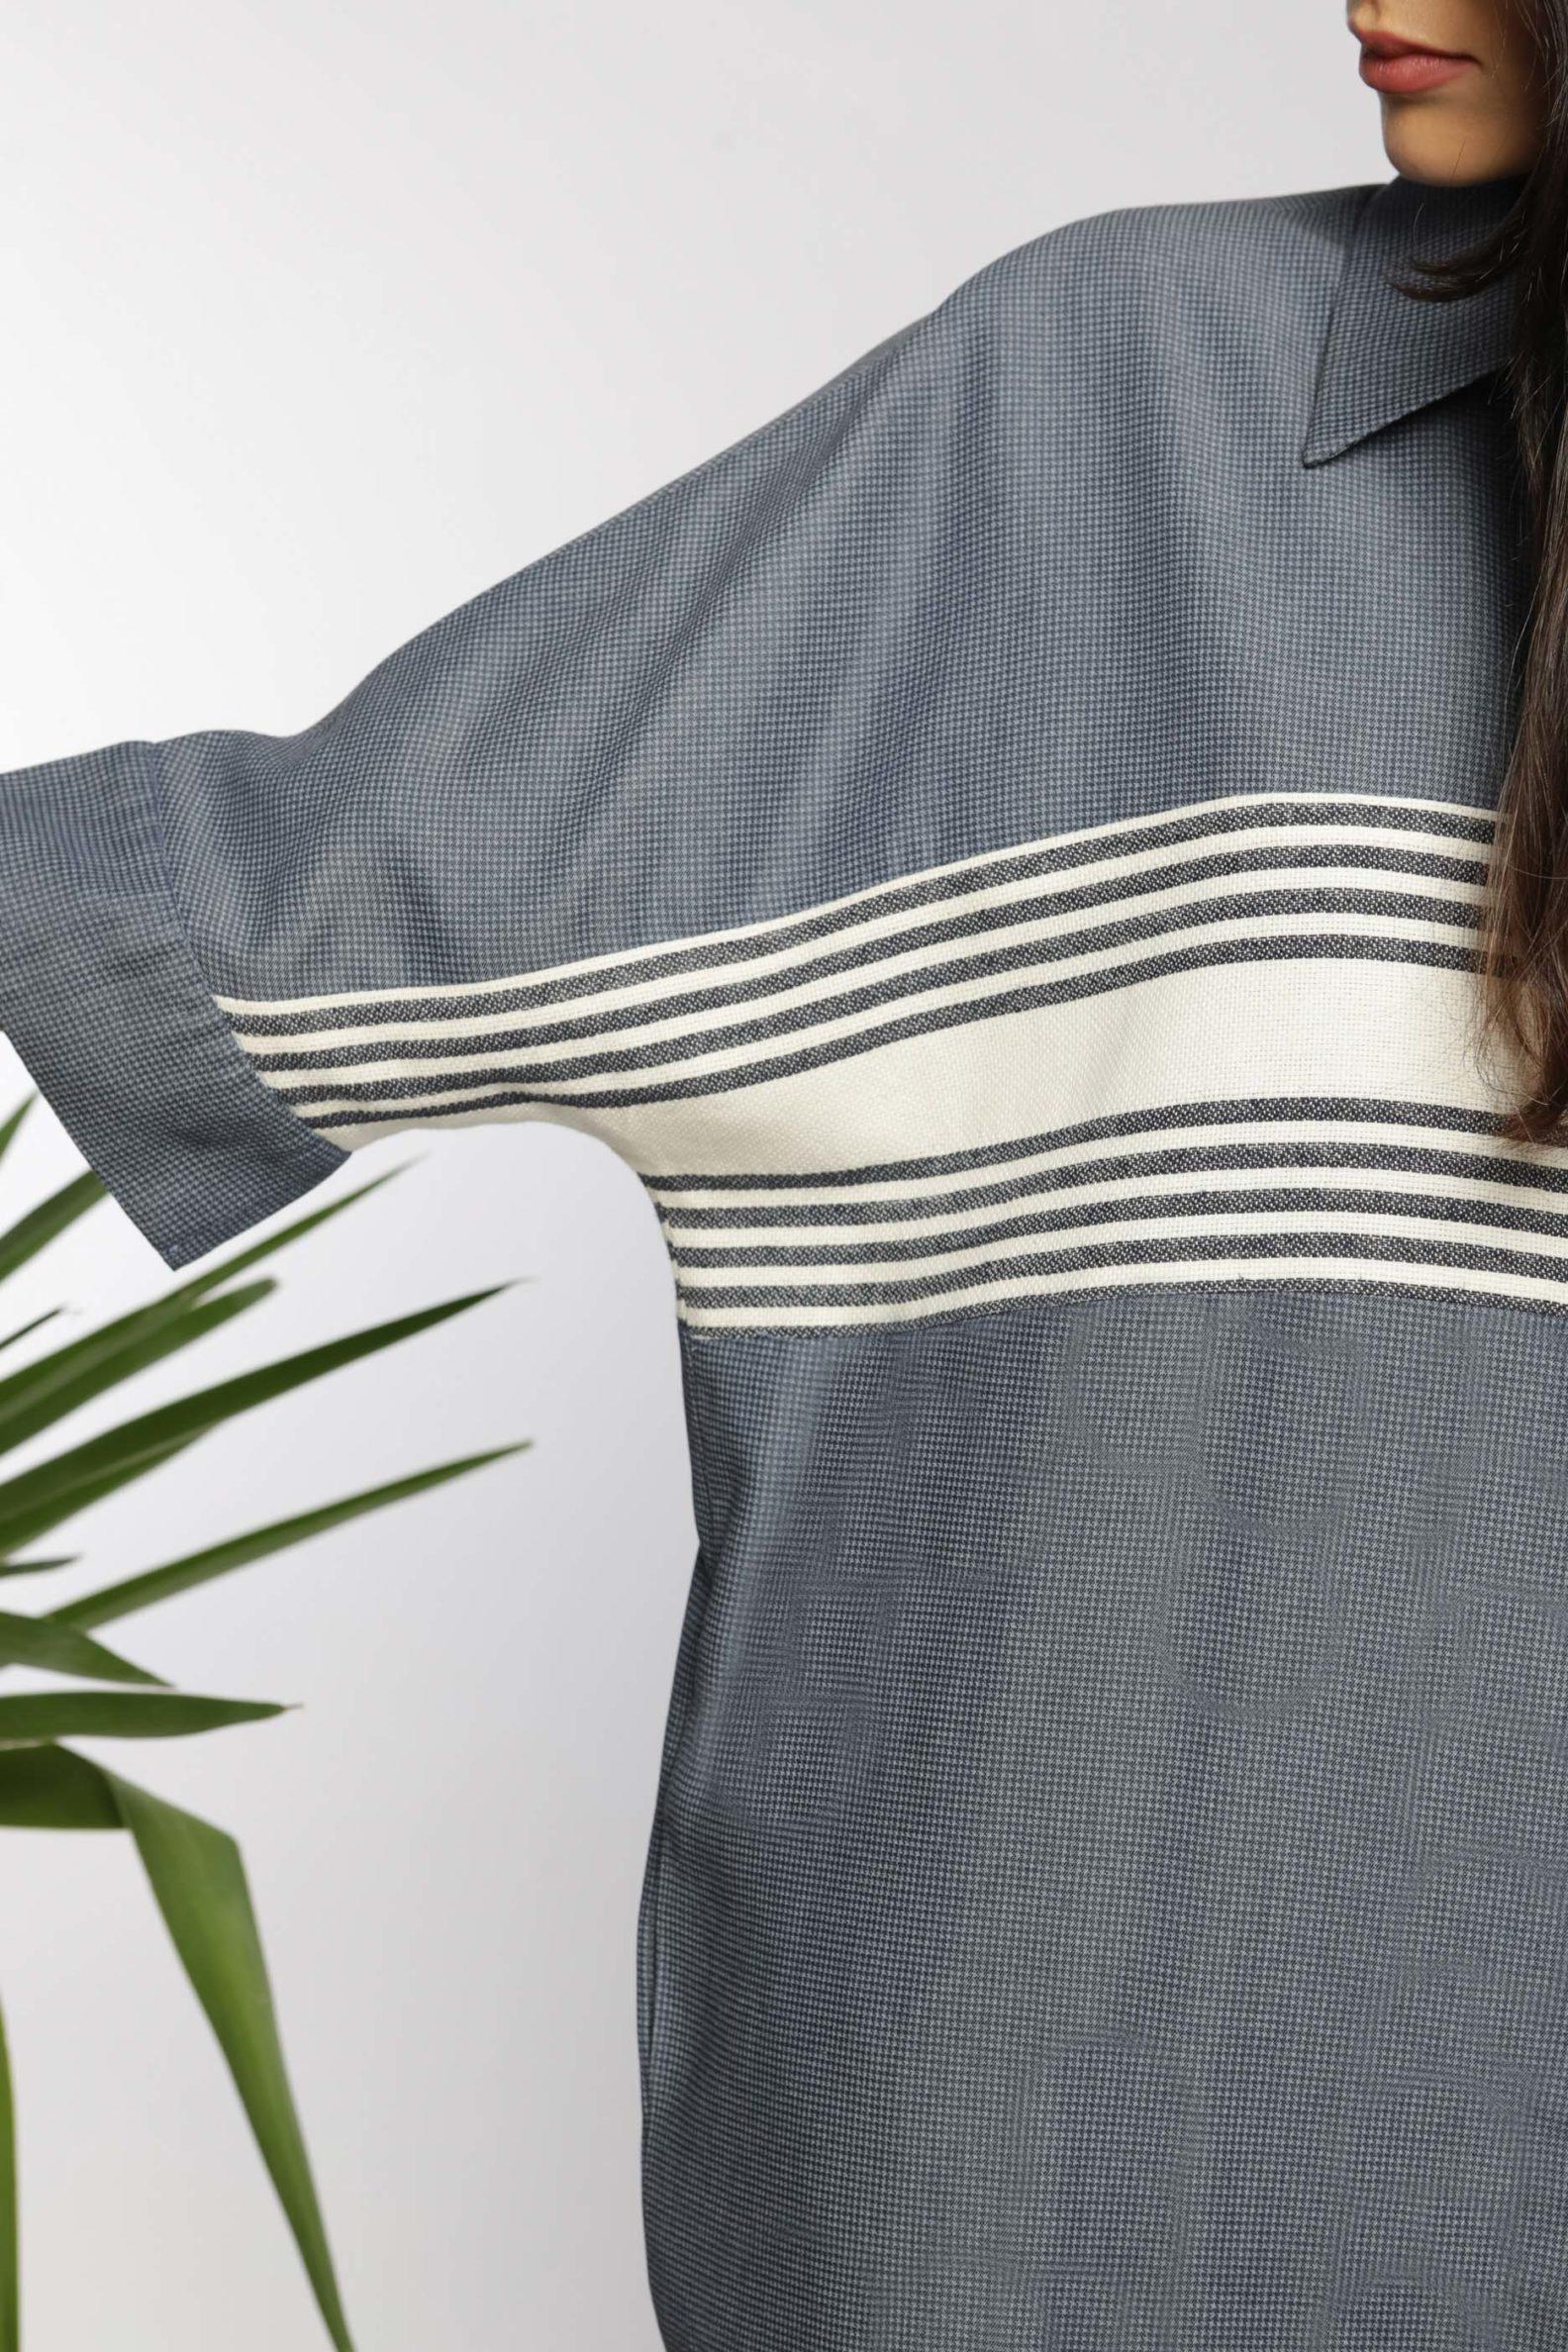 Robe chemise midi I En coton tissé à la main I Anissa Aïda I Vue en détail I Label AÉ Paris